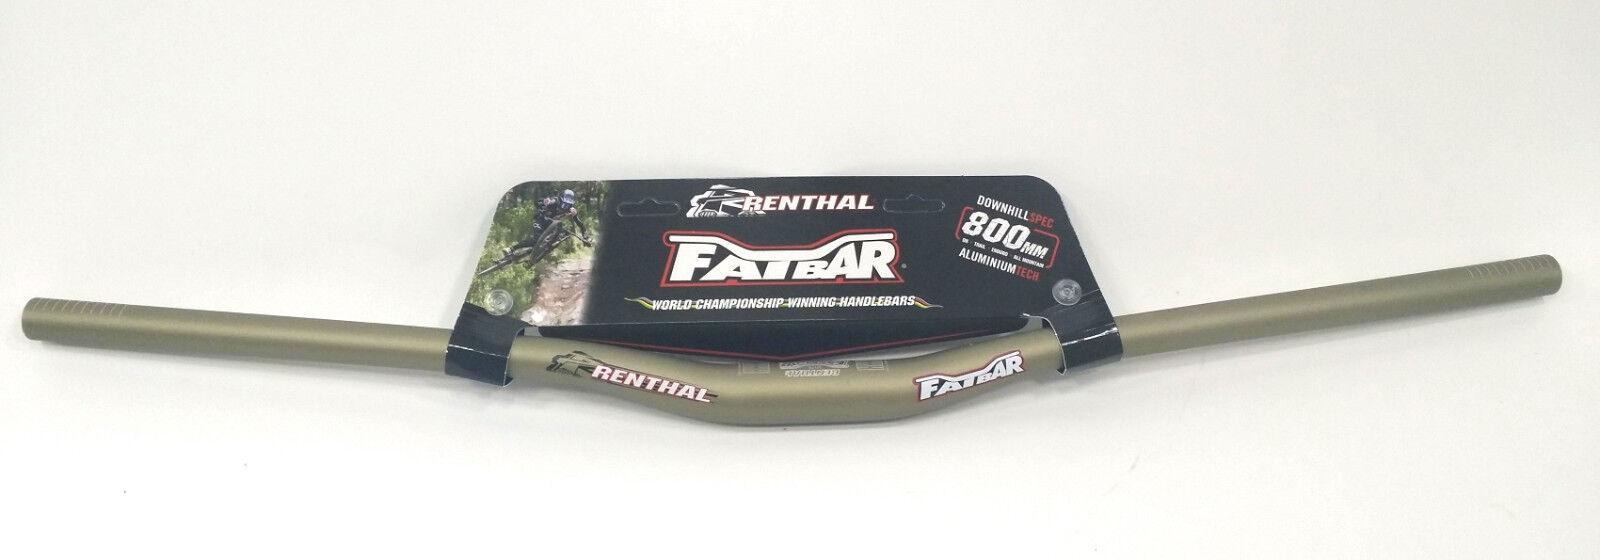 Renthal Fatbar V2 Manillar  de Bicicleta de montaña 31.8mm, 800mm ancho, 20mm aumento, oro  a la venta